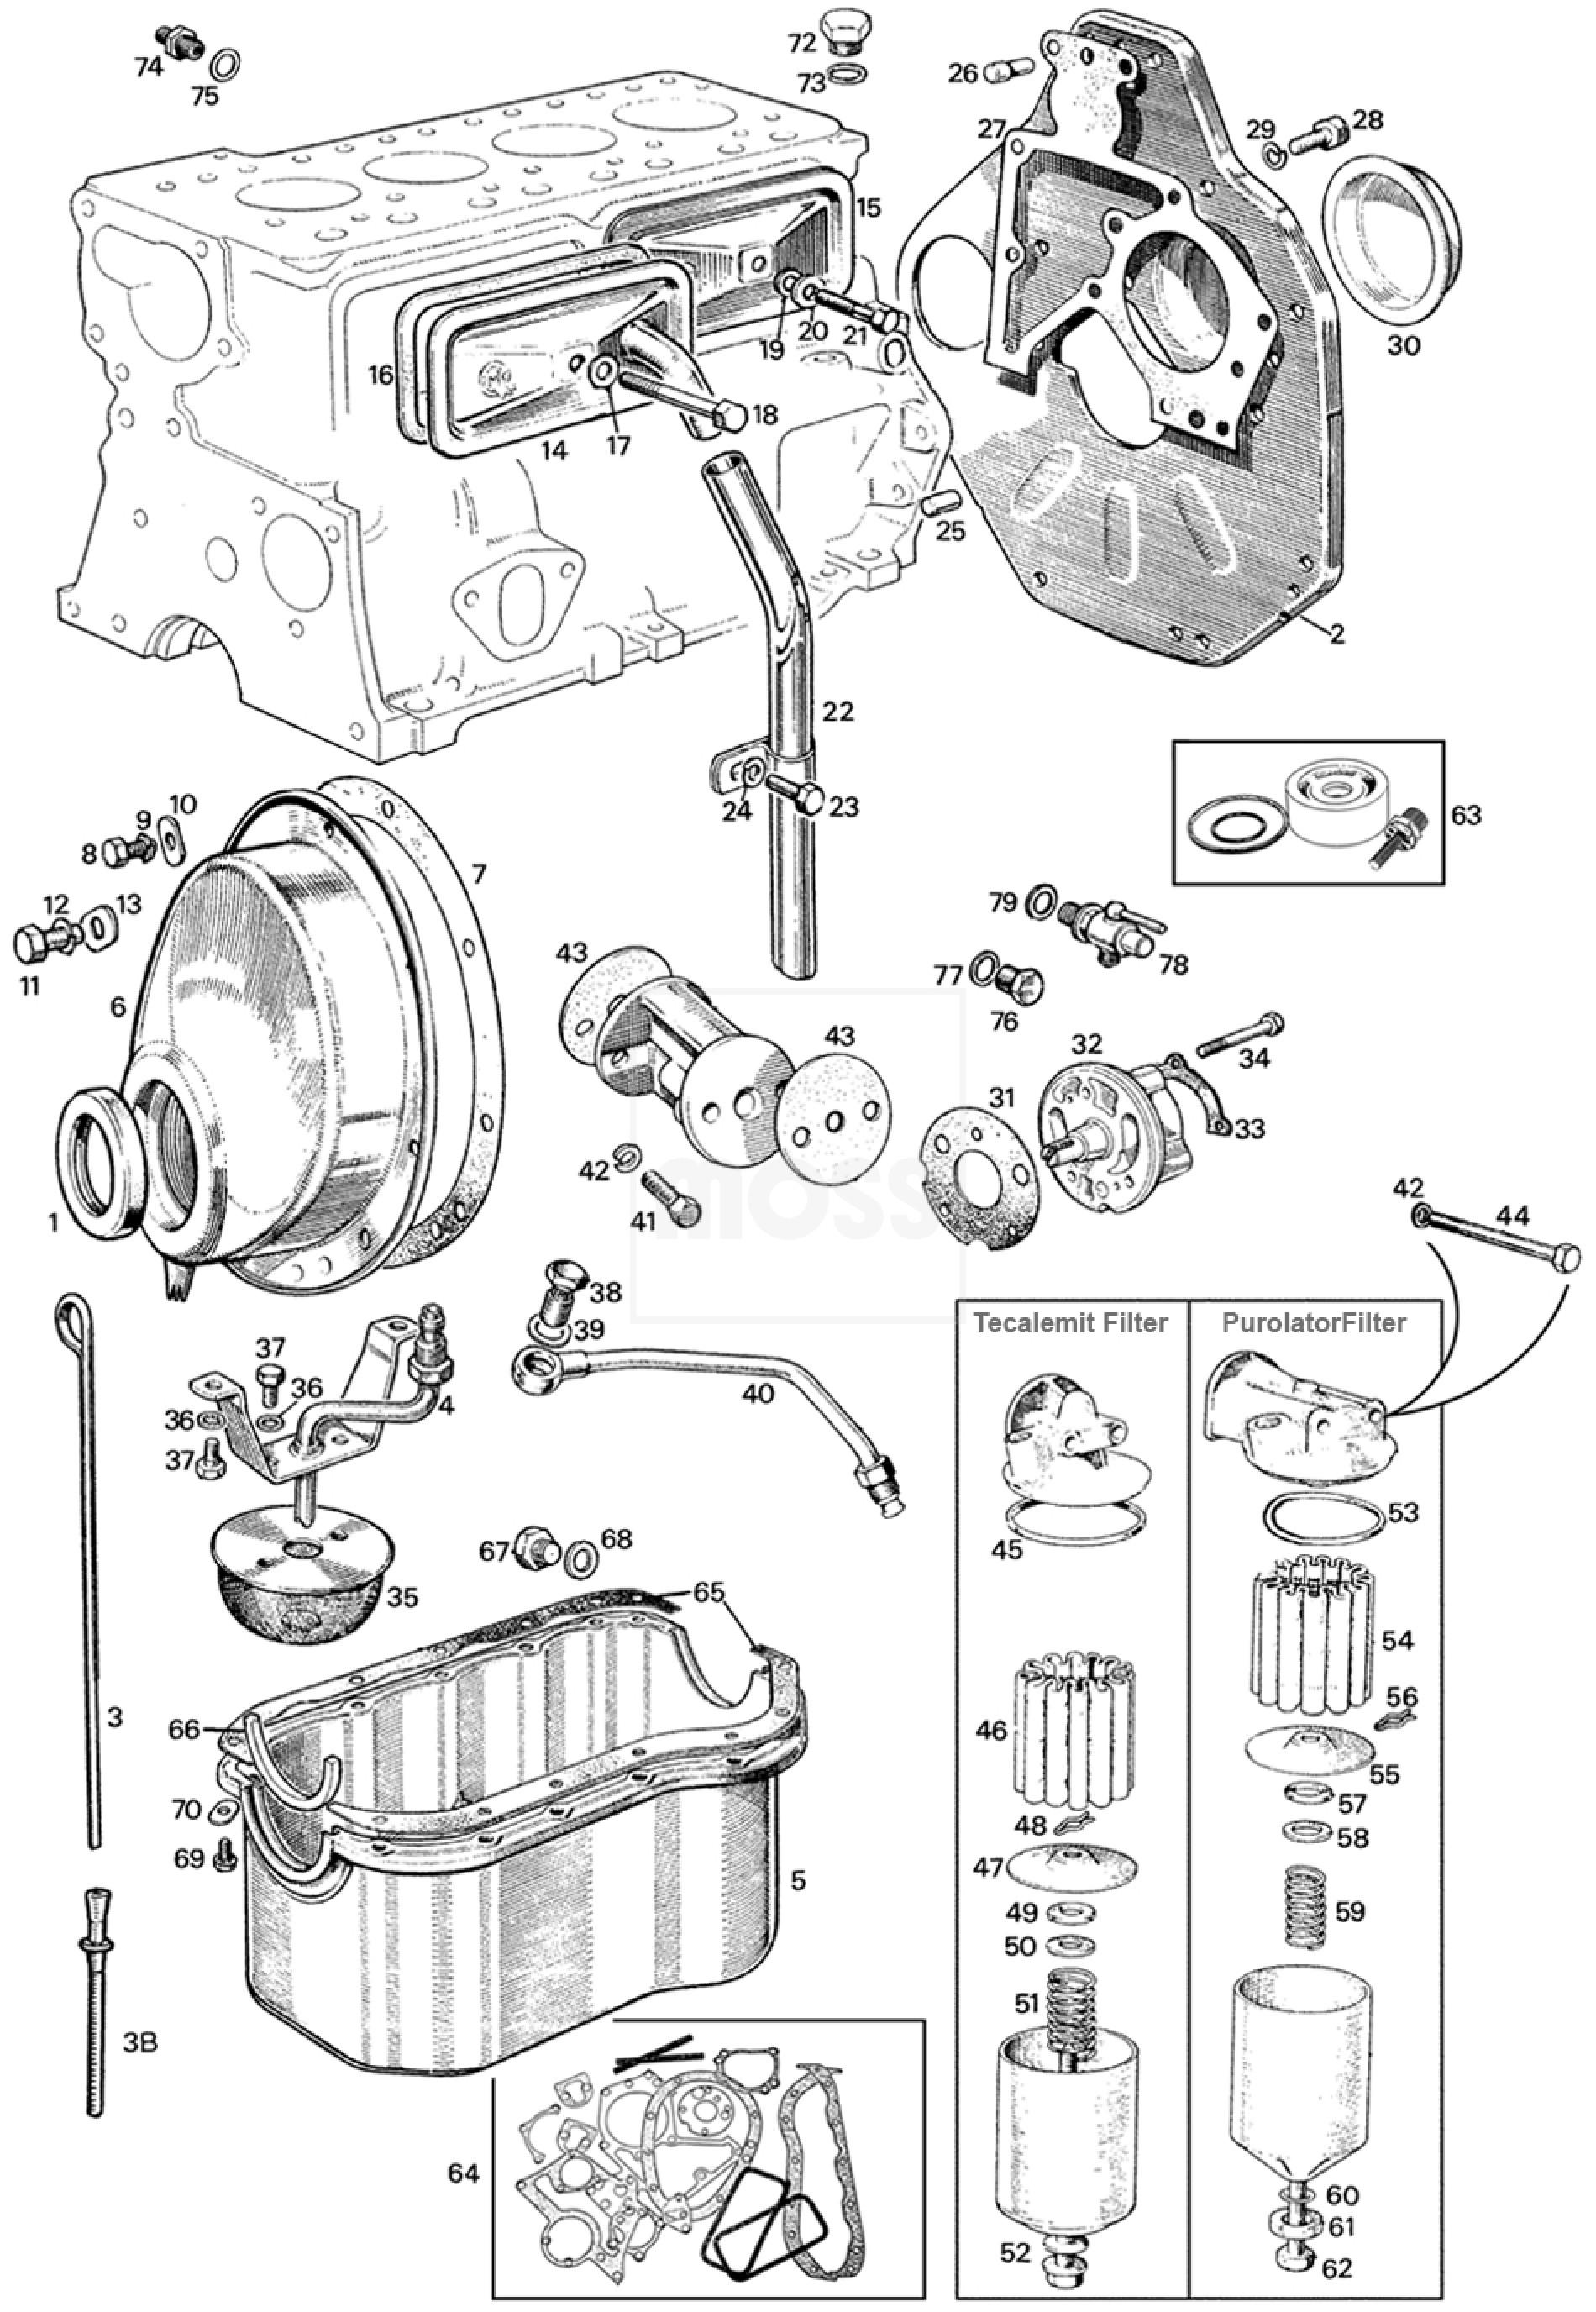 948 engine diagram